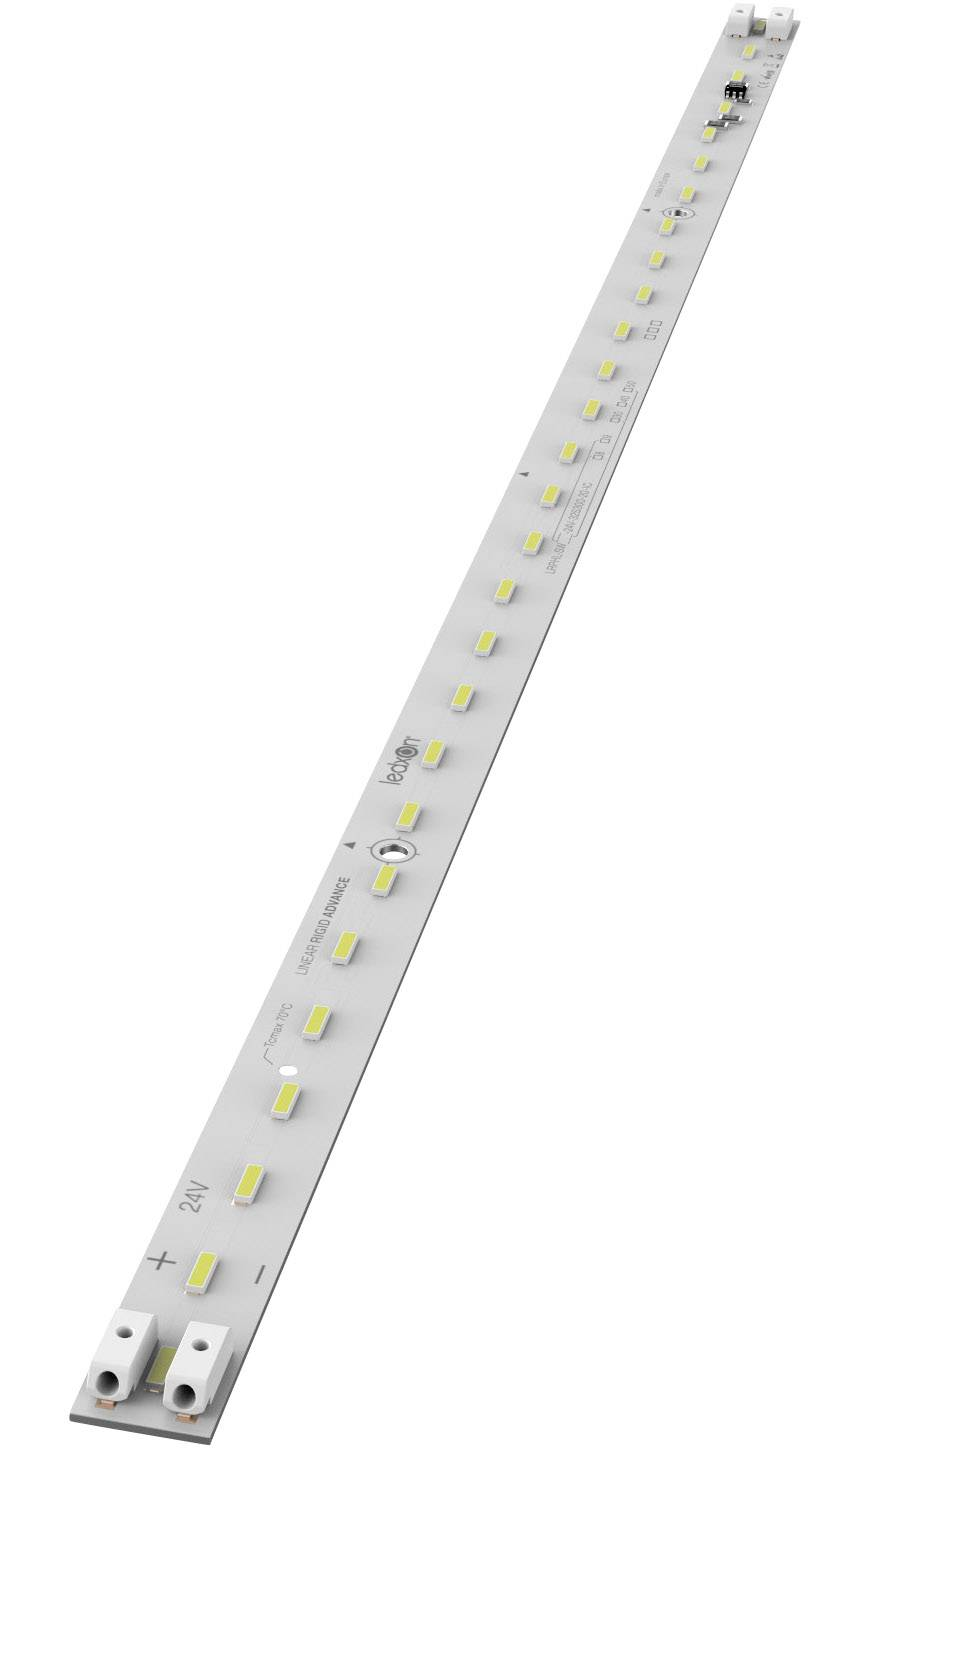 LED lišta ledxon LRAML-SW940-24V-28S103-20-IC 9009370, 24 V, neutrálně bílá, 30 cm